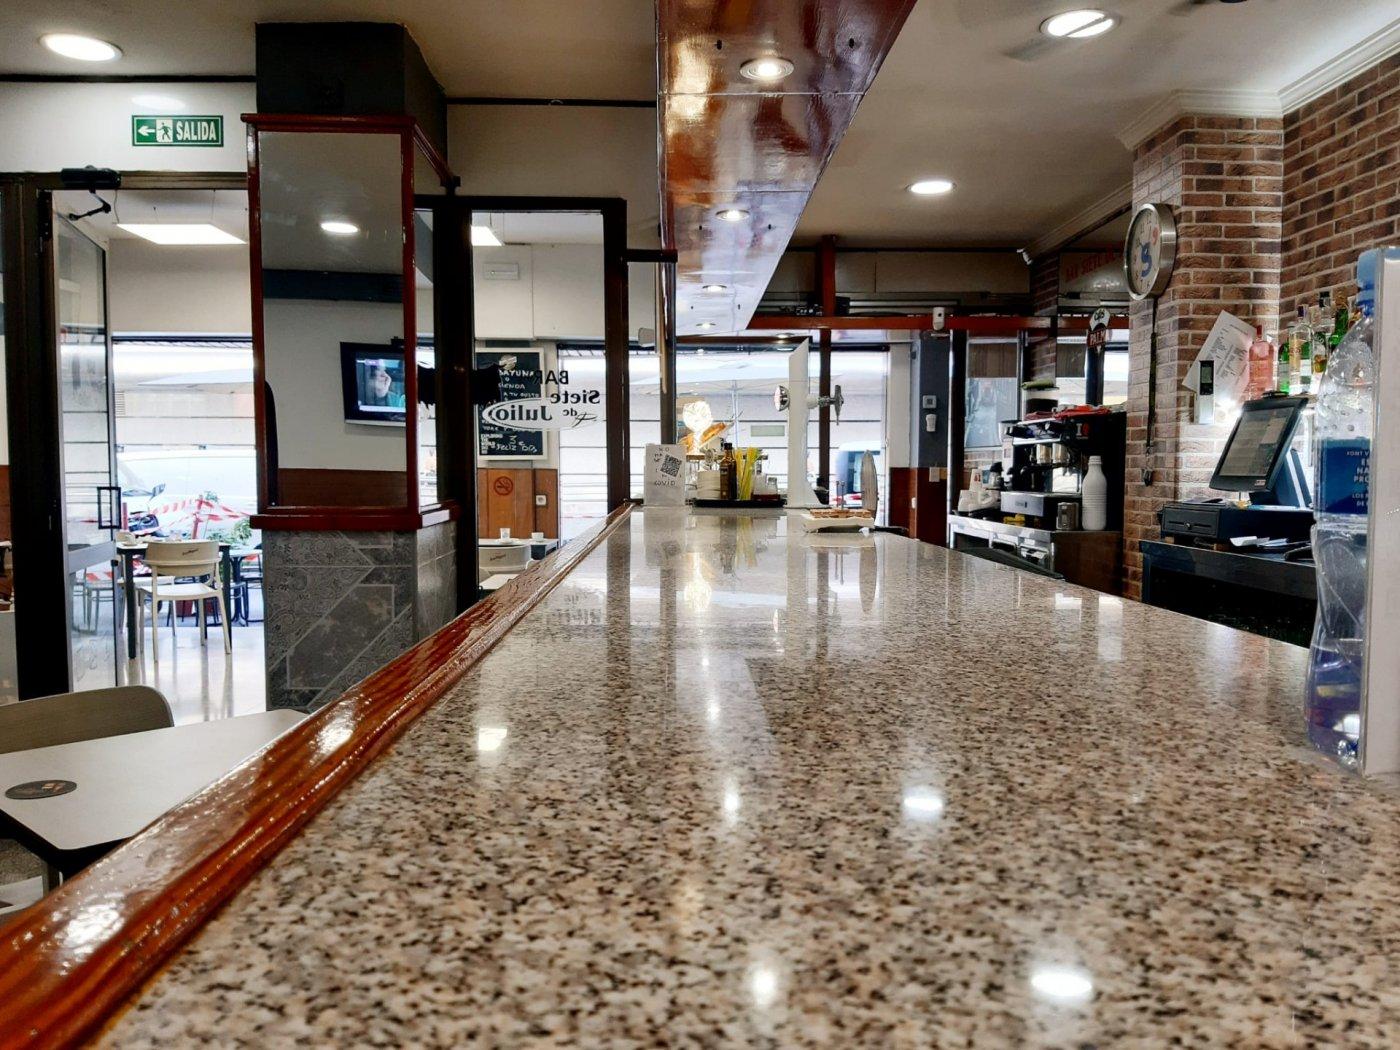 Oportunidad de traspaso de bar en excelente ubicación. centro de palma - imagenInmueble8